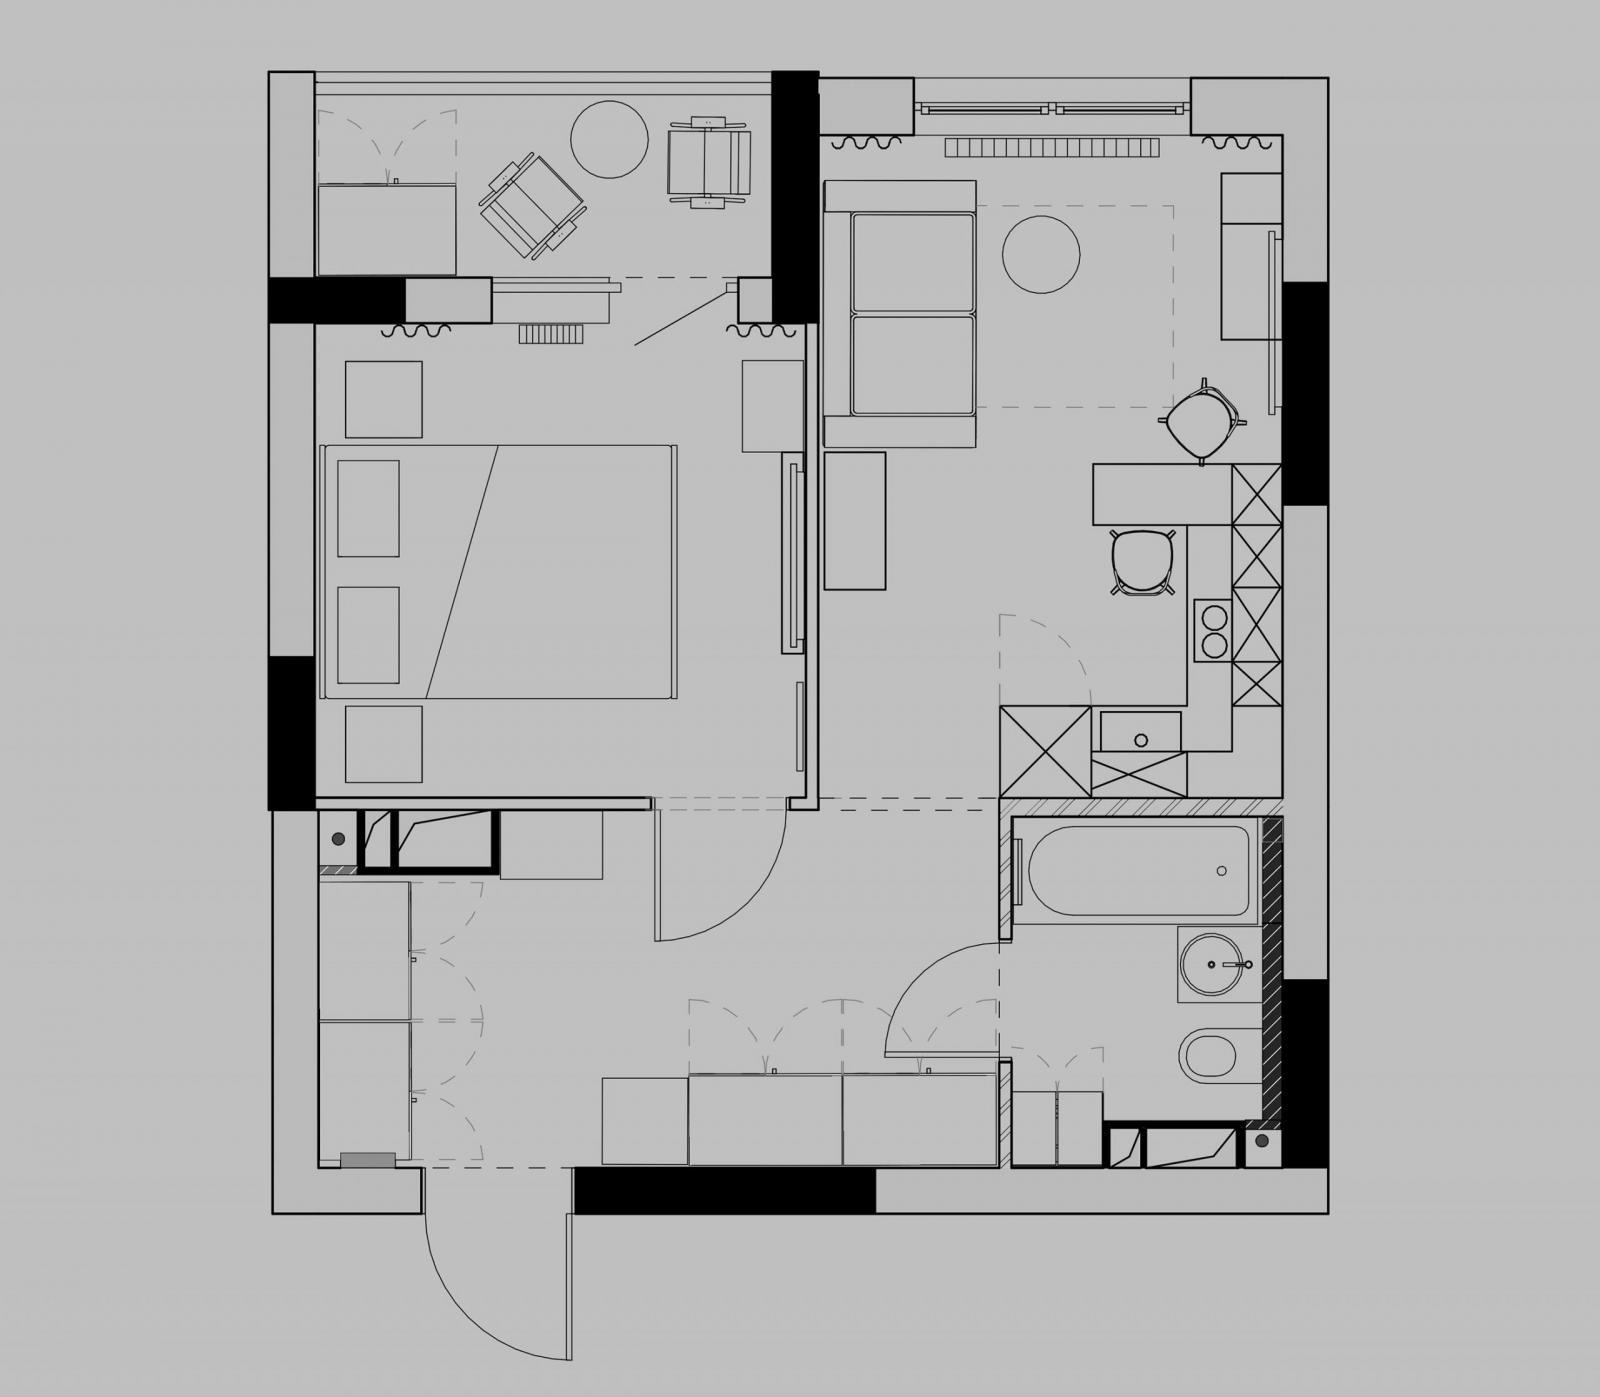 Sơ đồ bố trí nội thất căn hộ 39m2